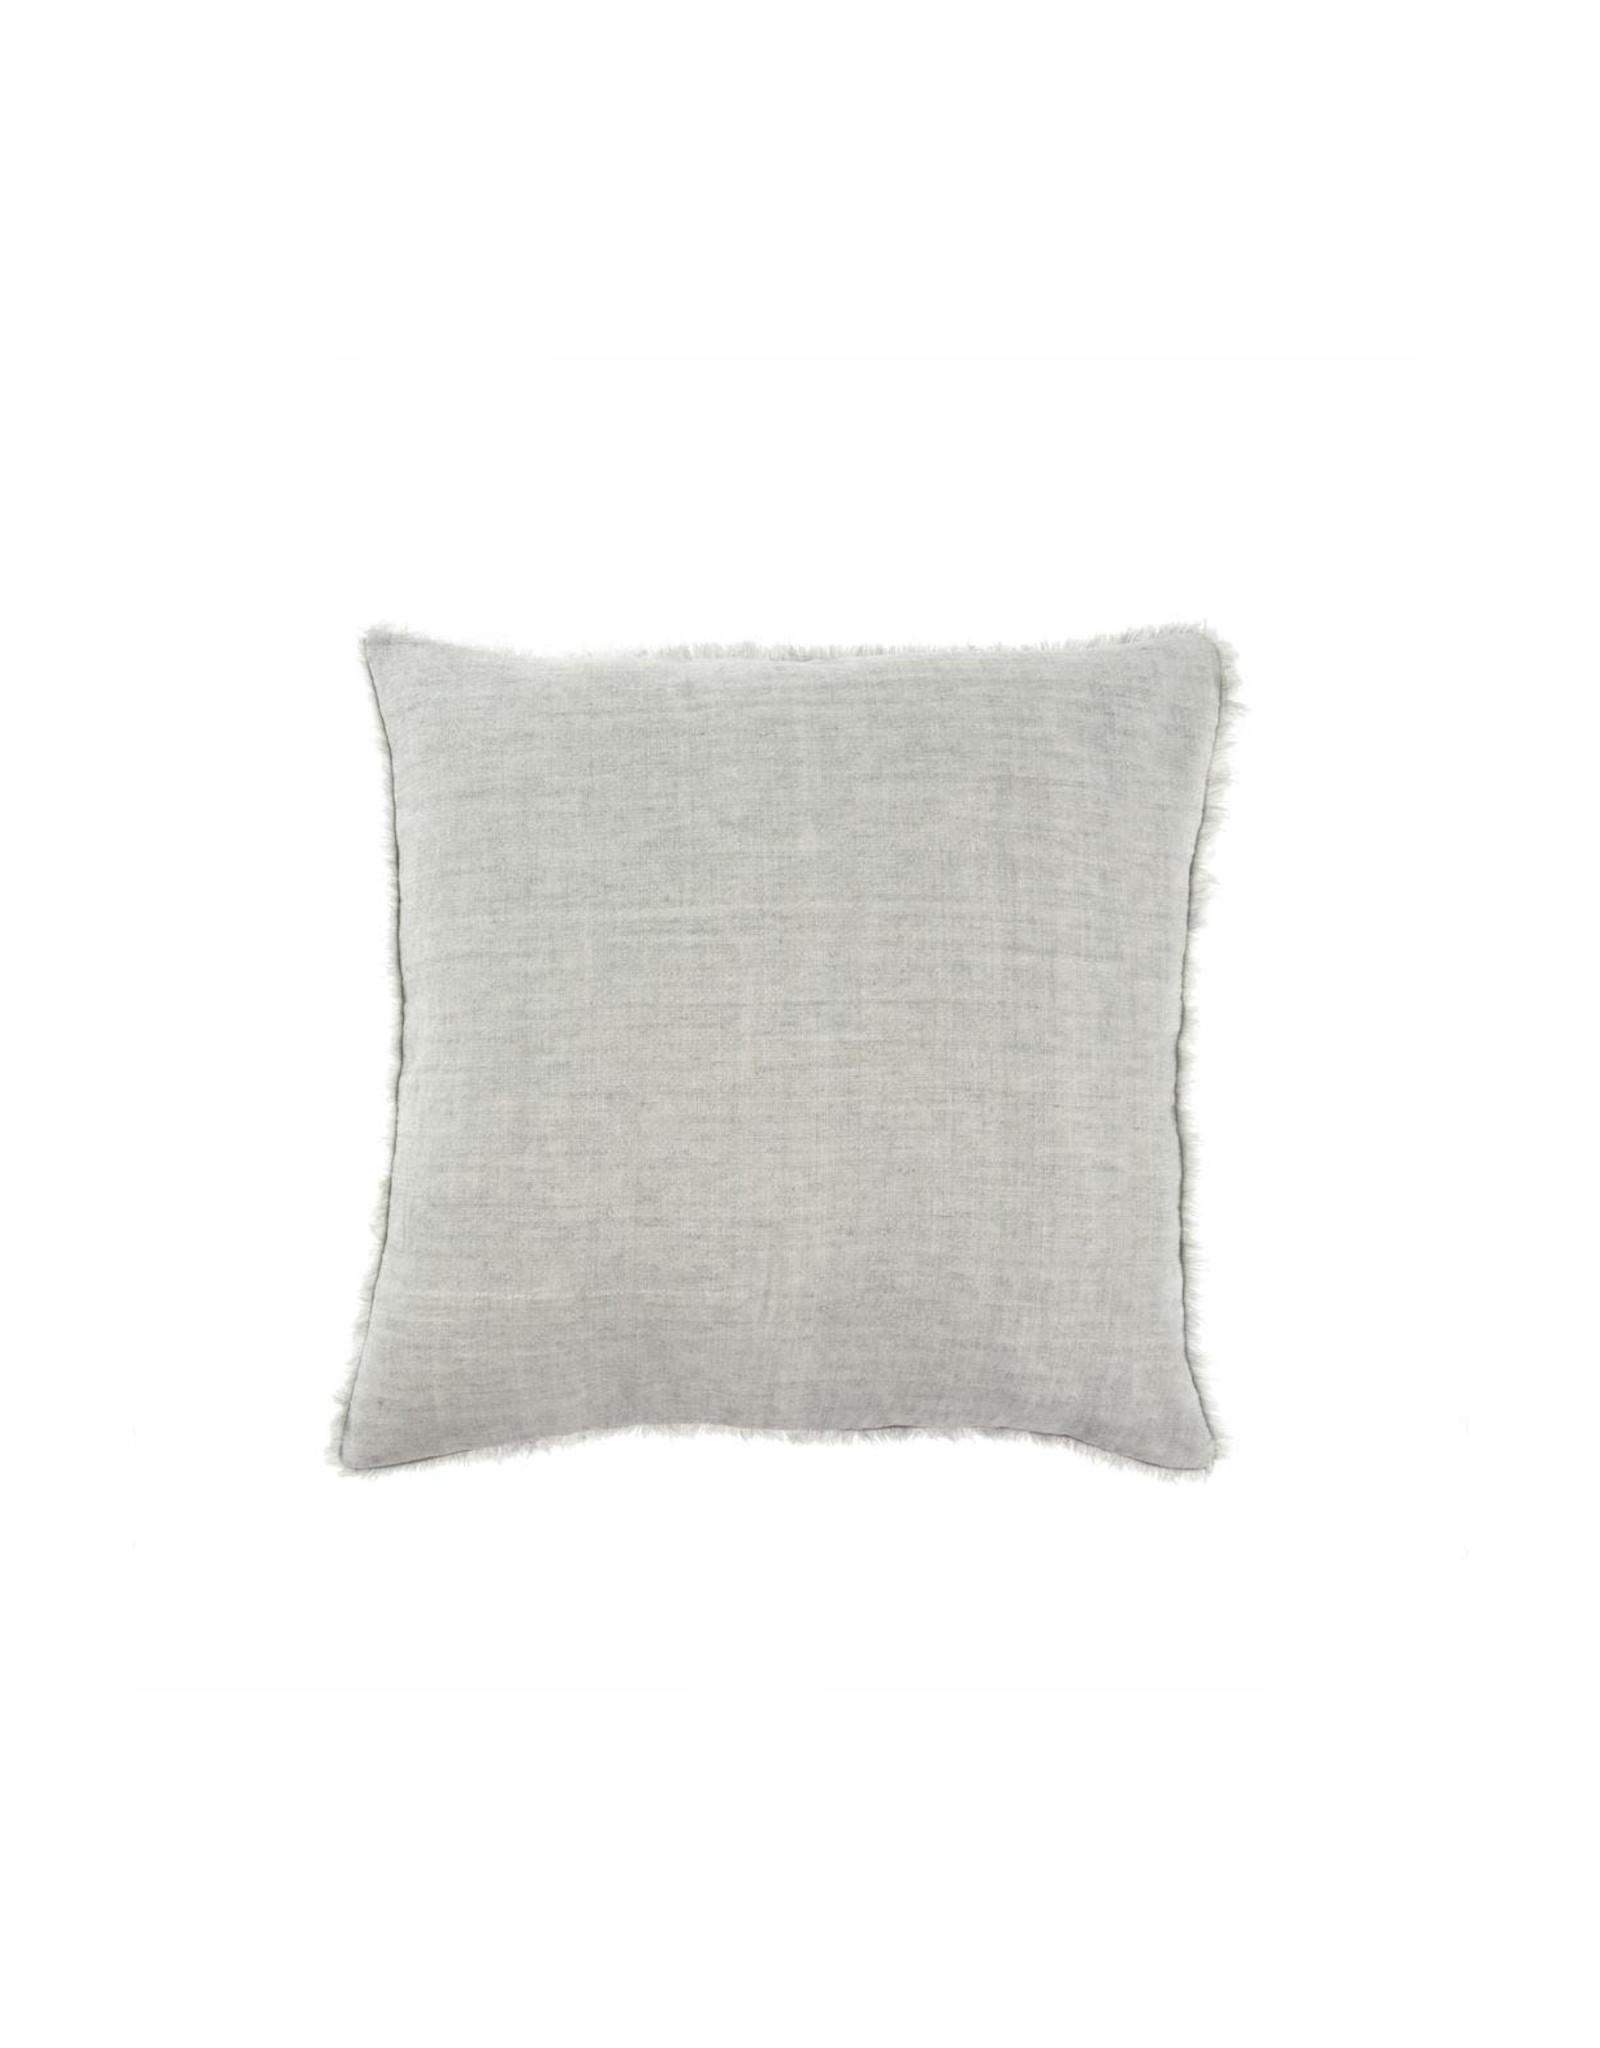 24x24 Lina Linen Pillow, Flint Gray